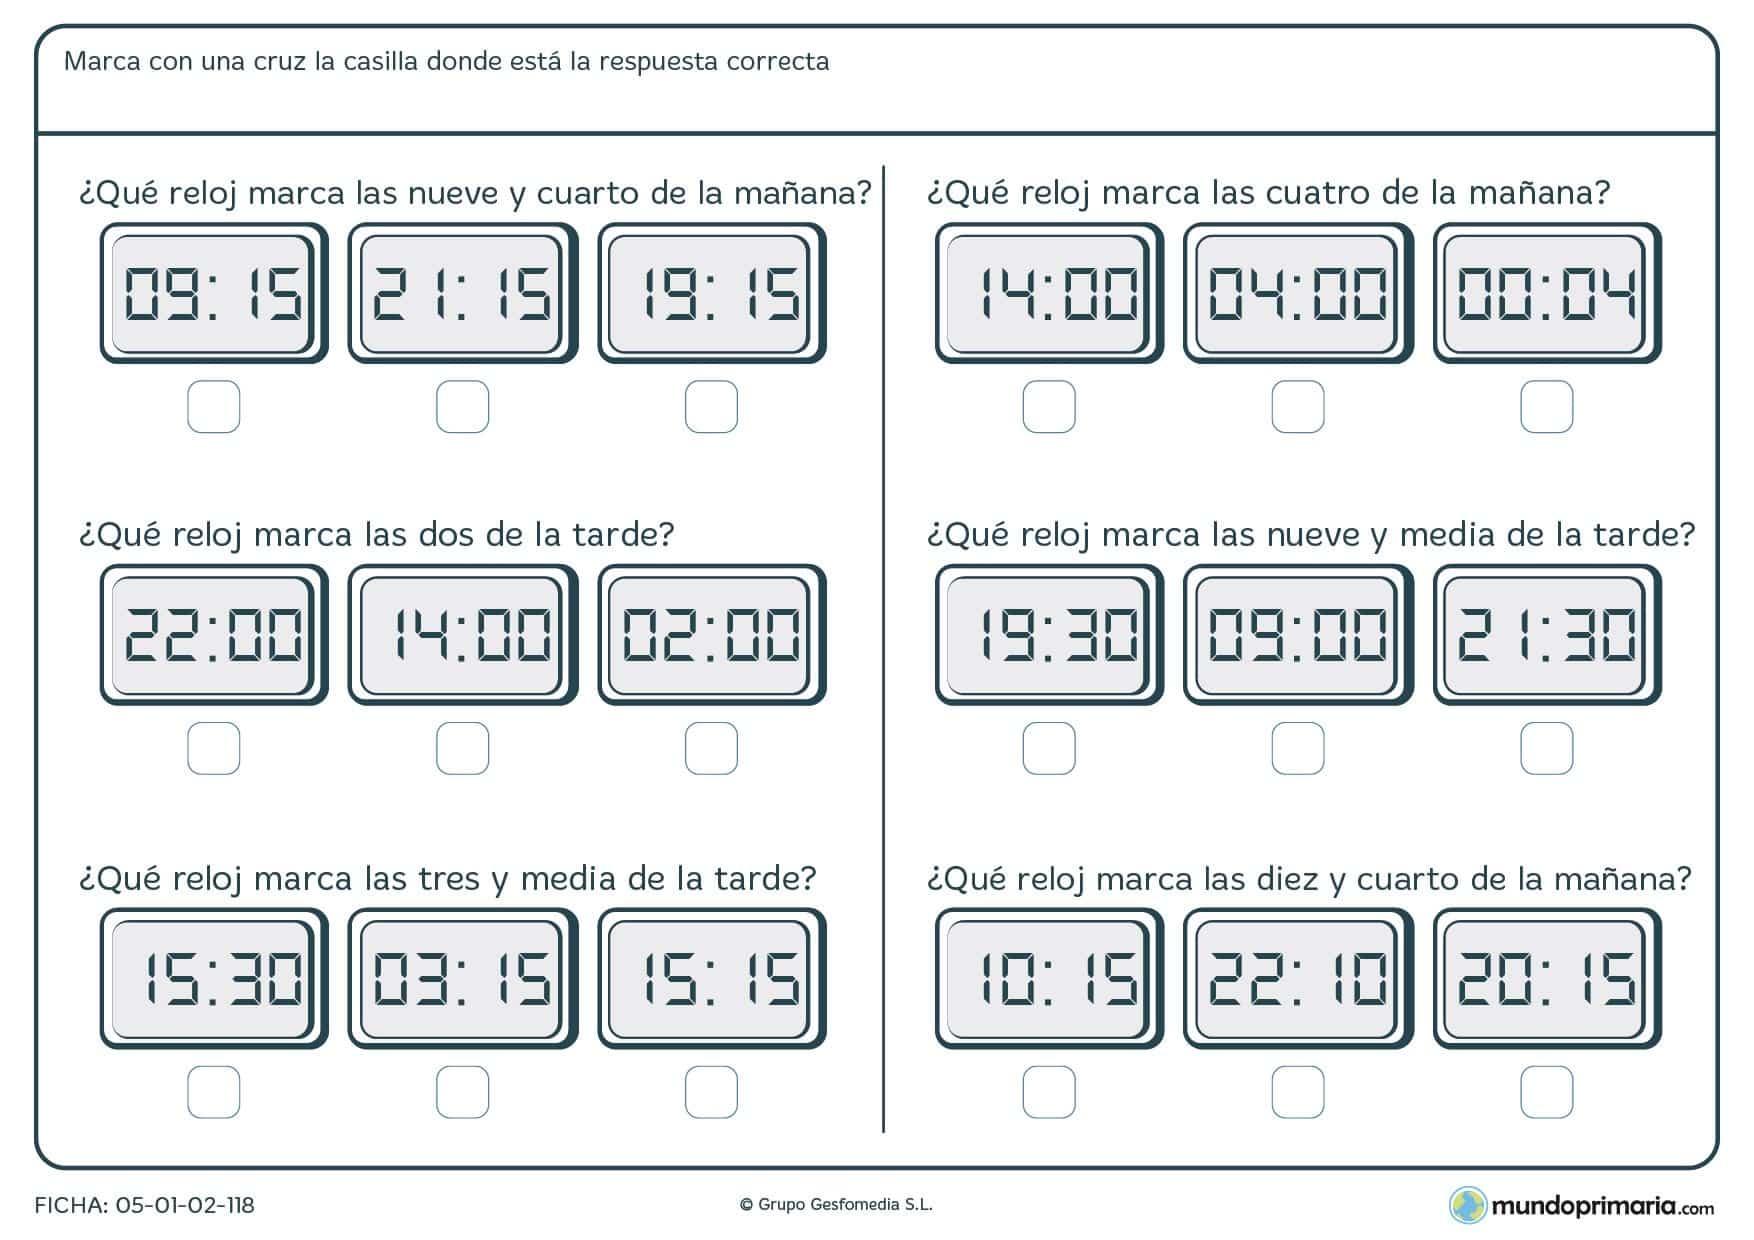 Ficha de lectura de relojes para que marques con una x la repuesta correcta de la hora que te pedimos.